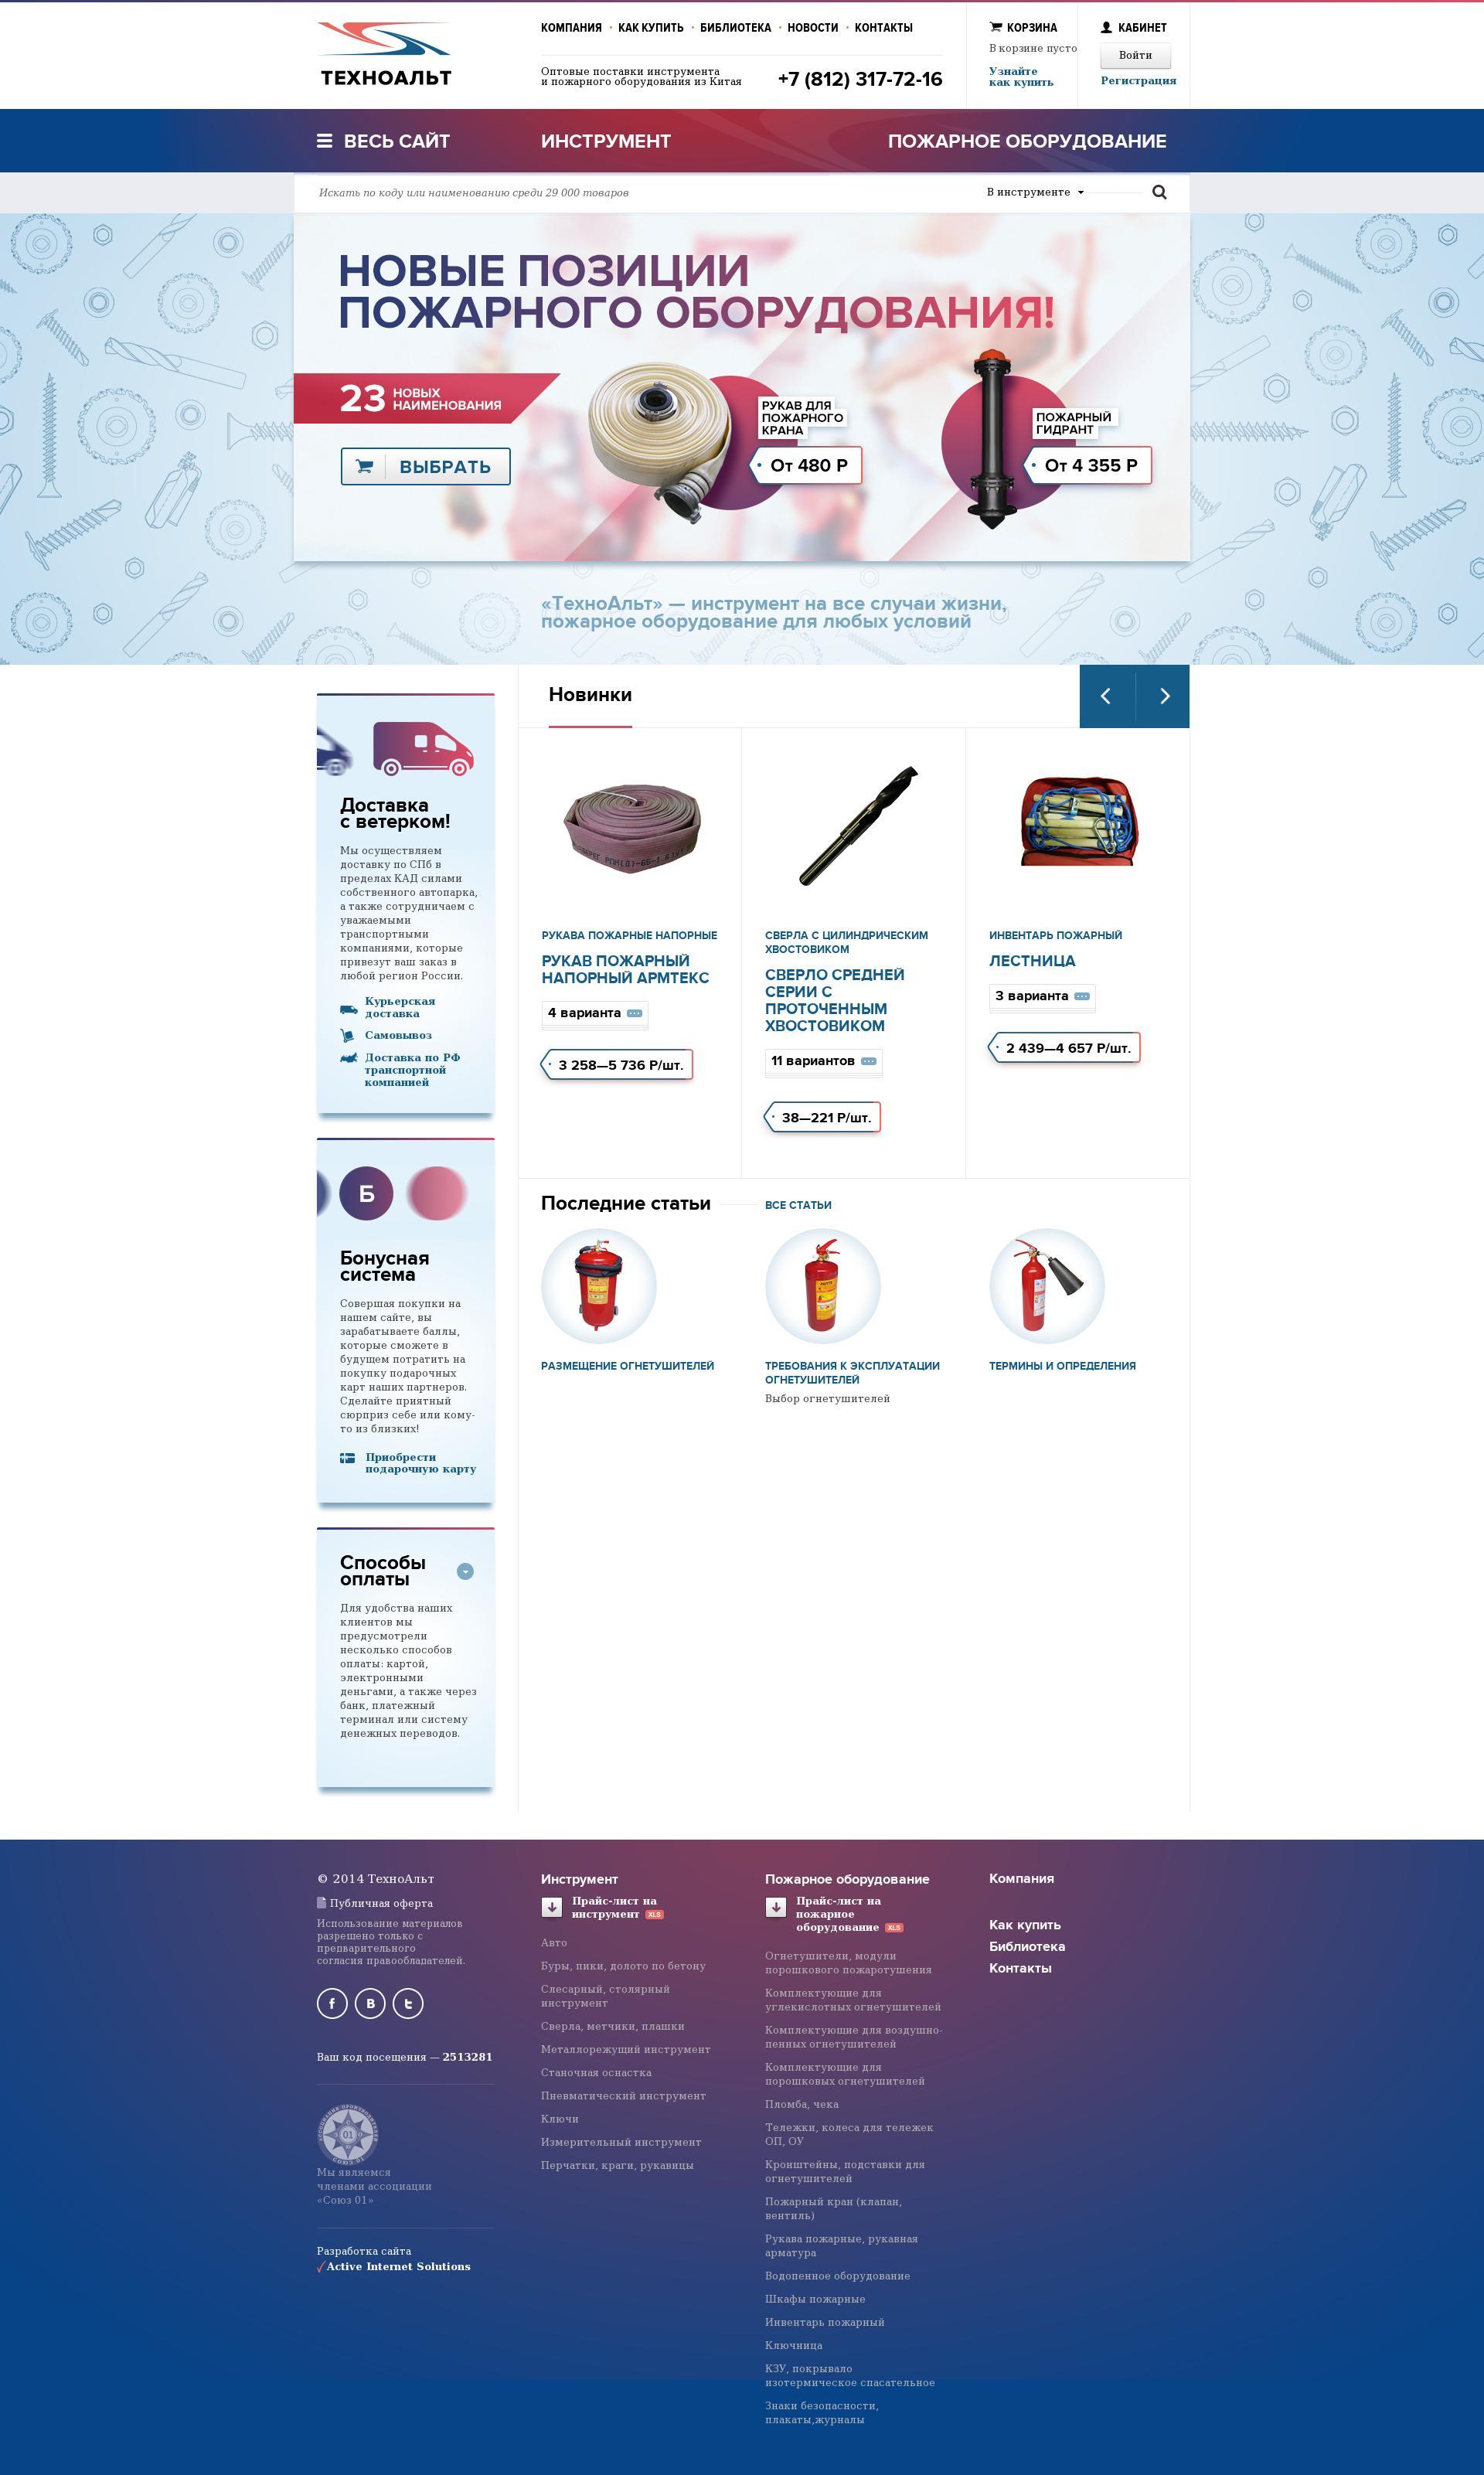 Дизайн интернет магазина по продаже пожарного оборудования